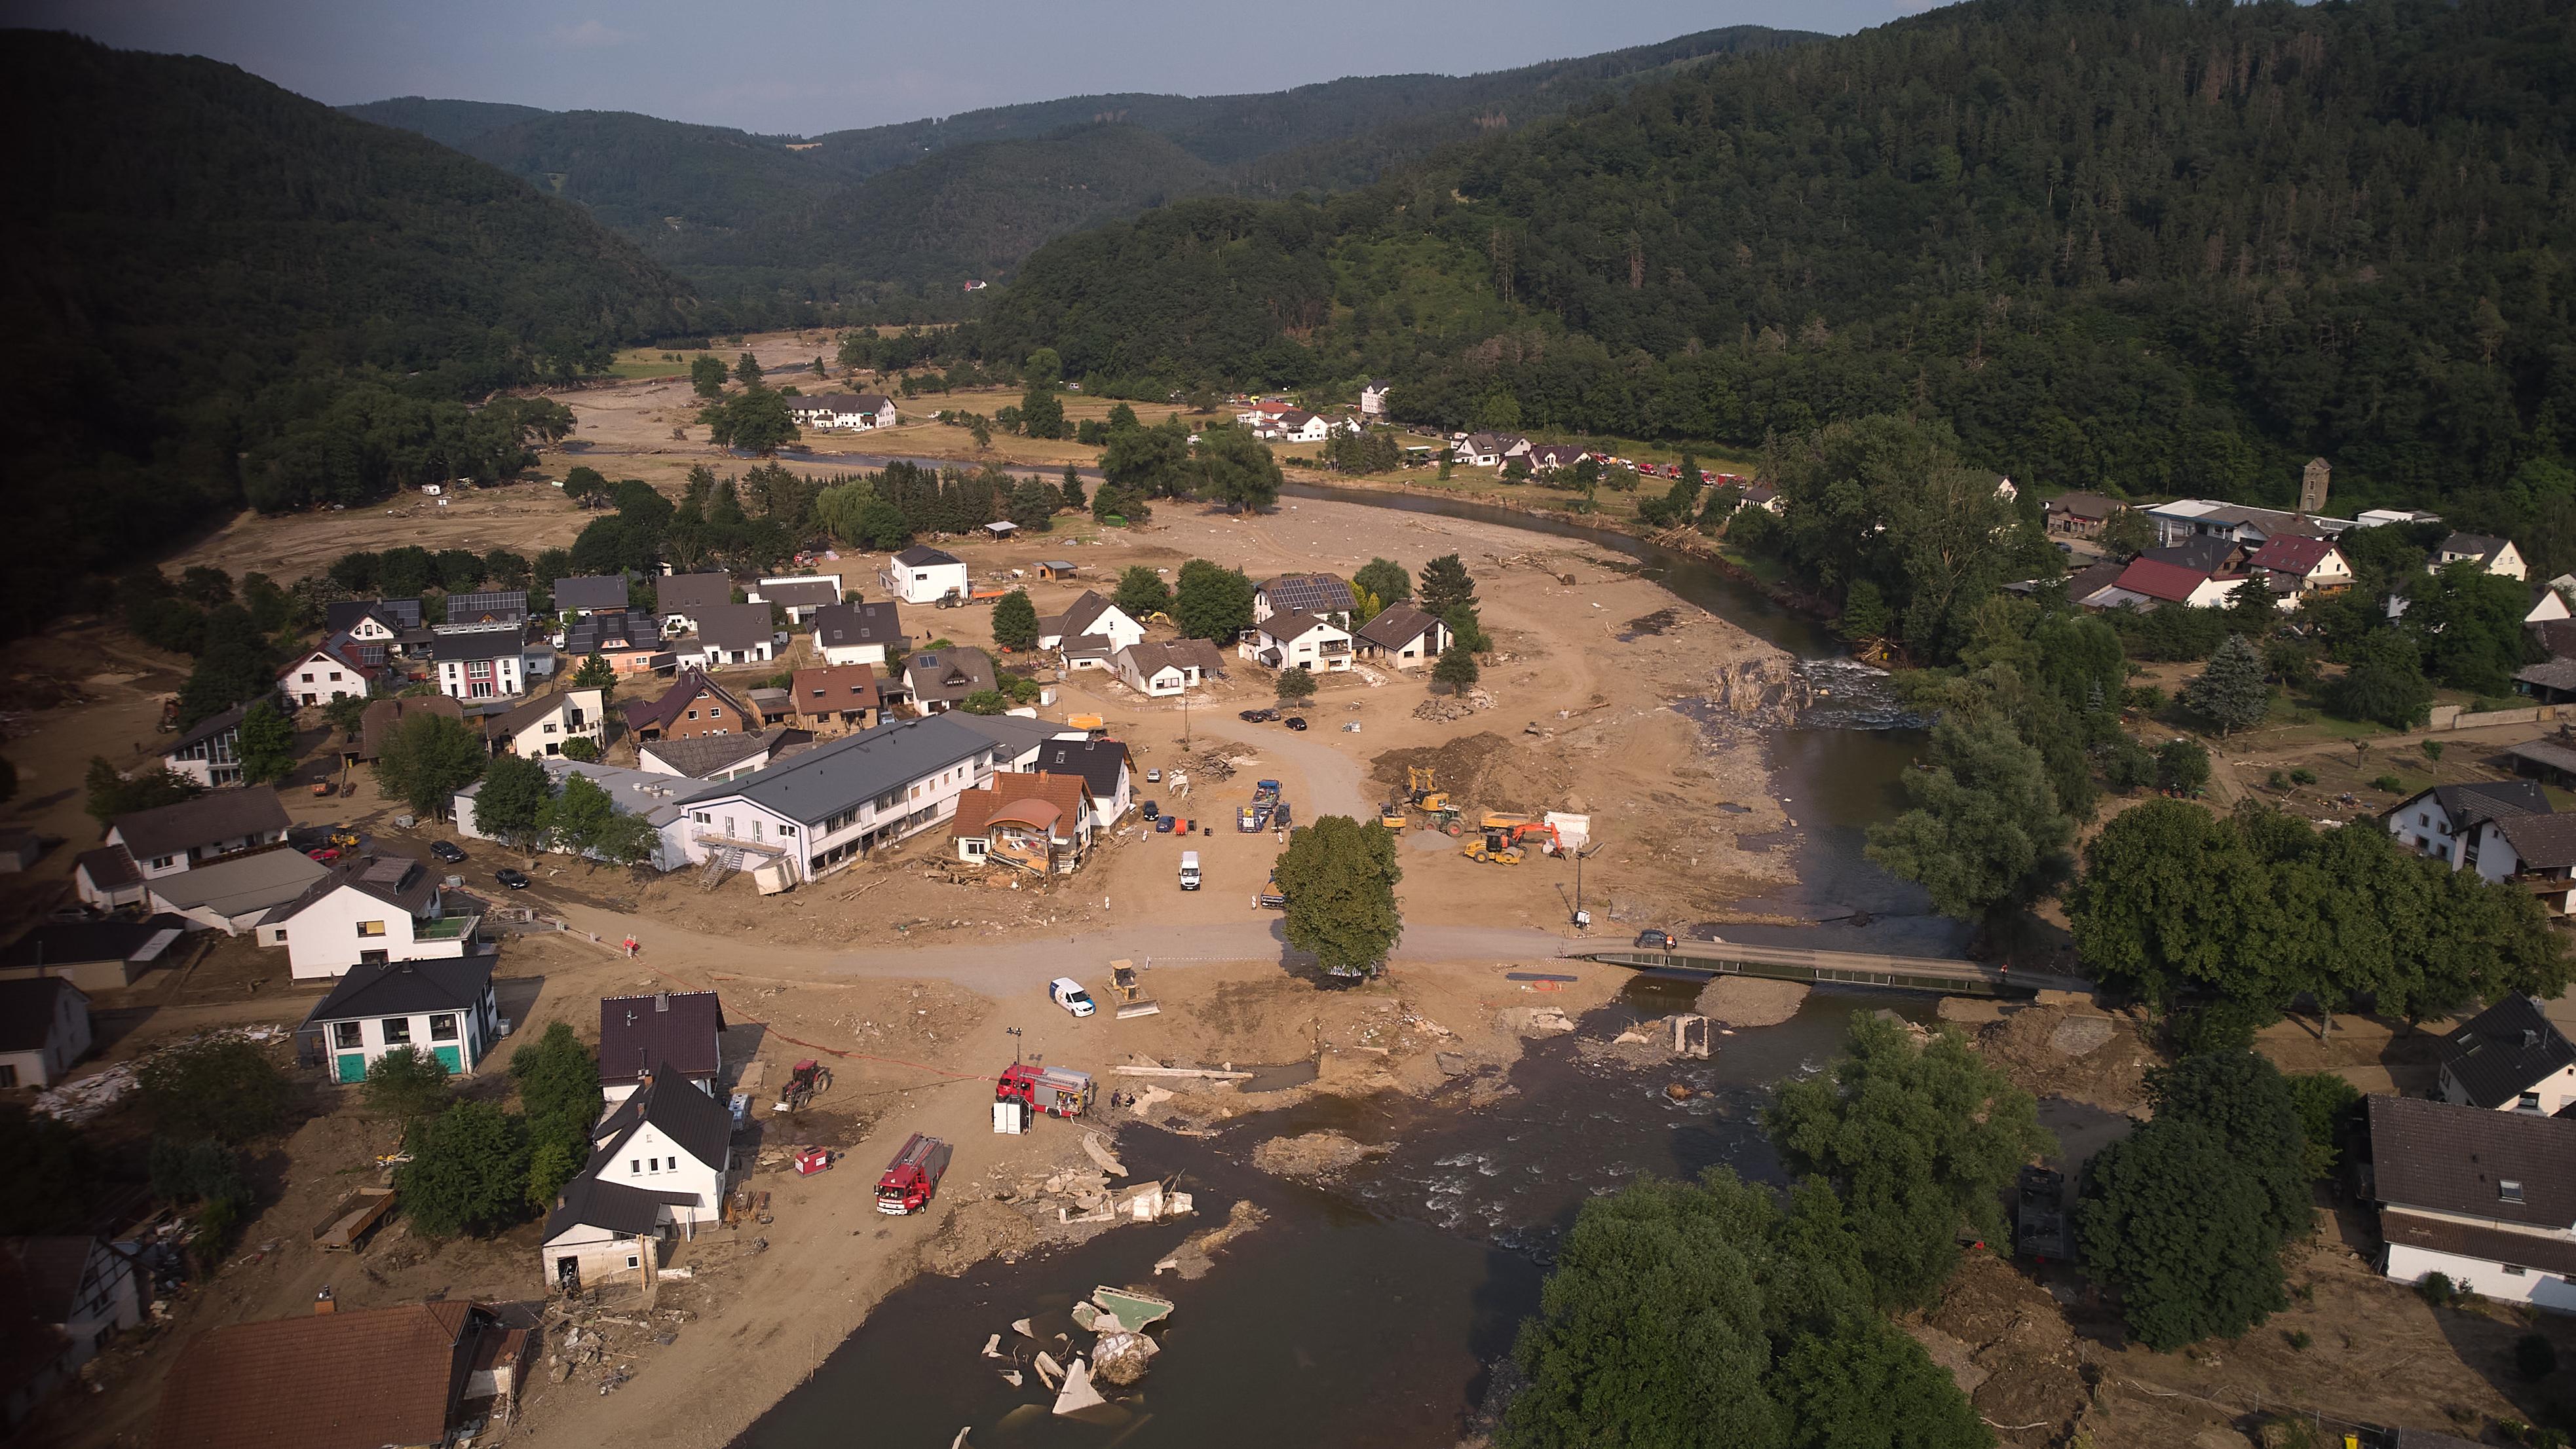 Staatsanwaltschaft prüft nach Flutkatastrophe Ermittlungsverfahren